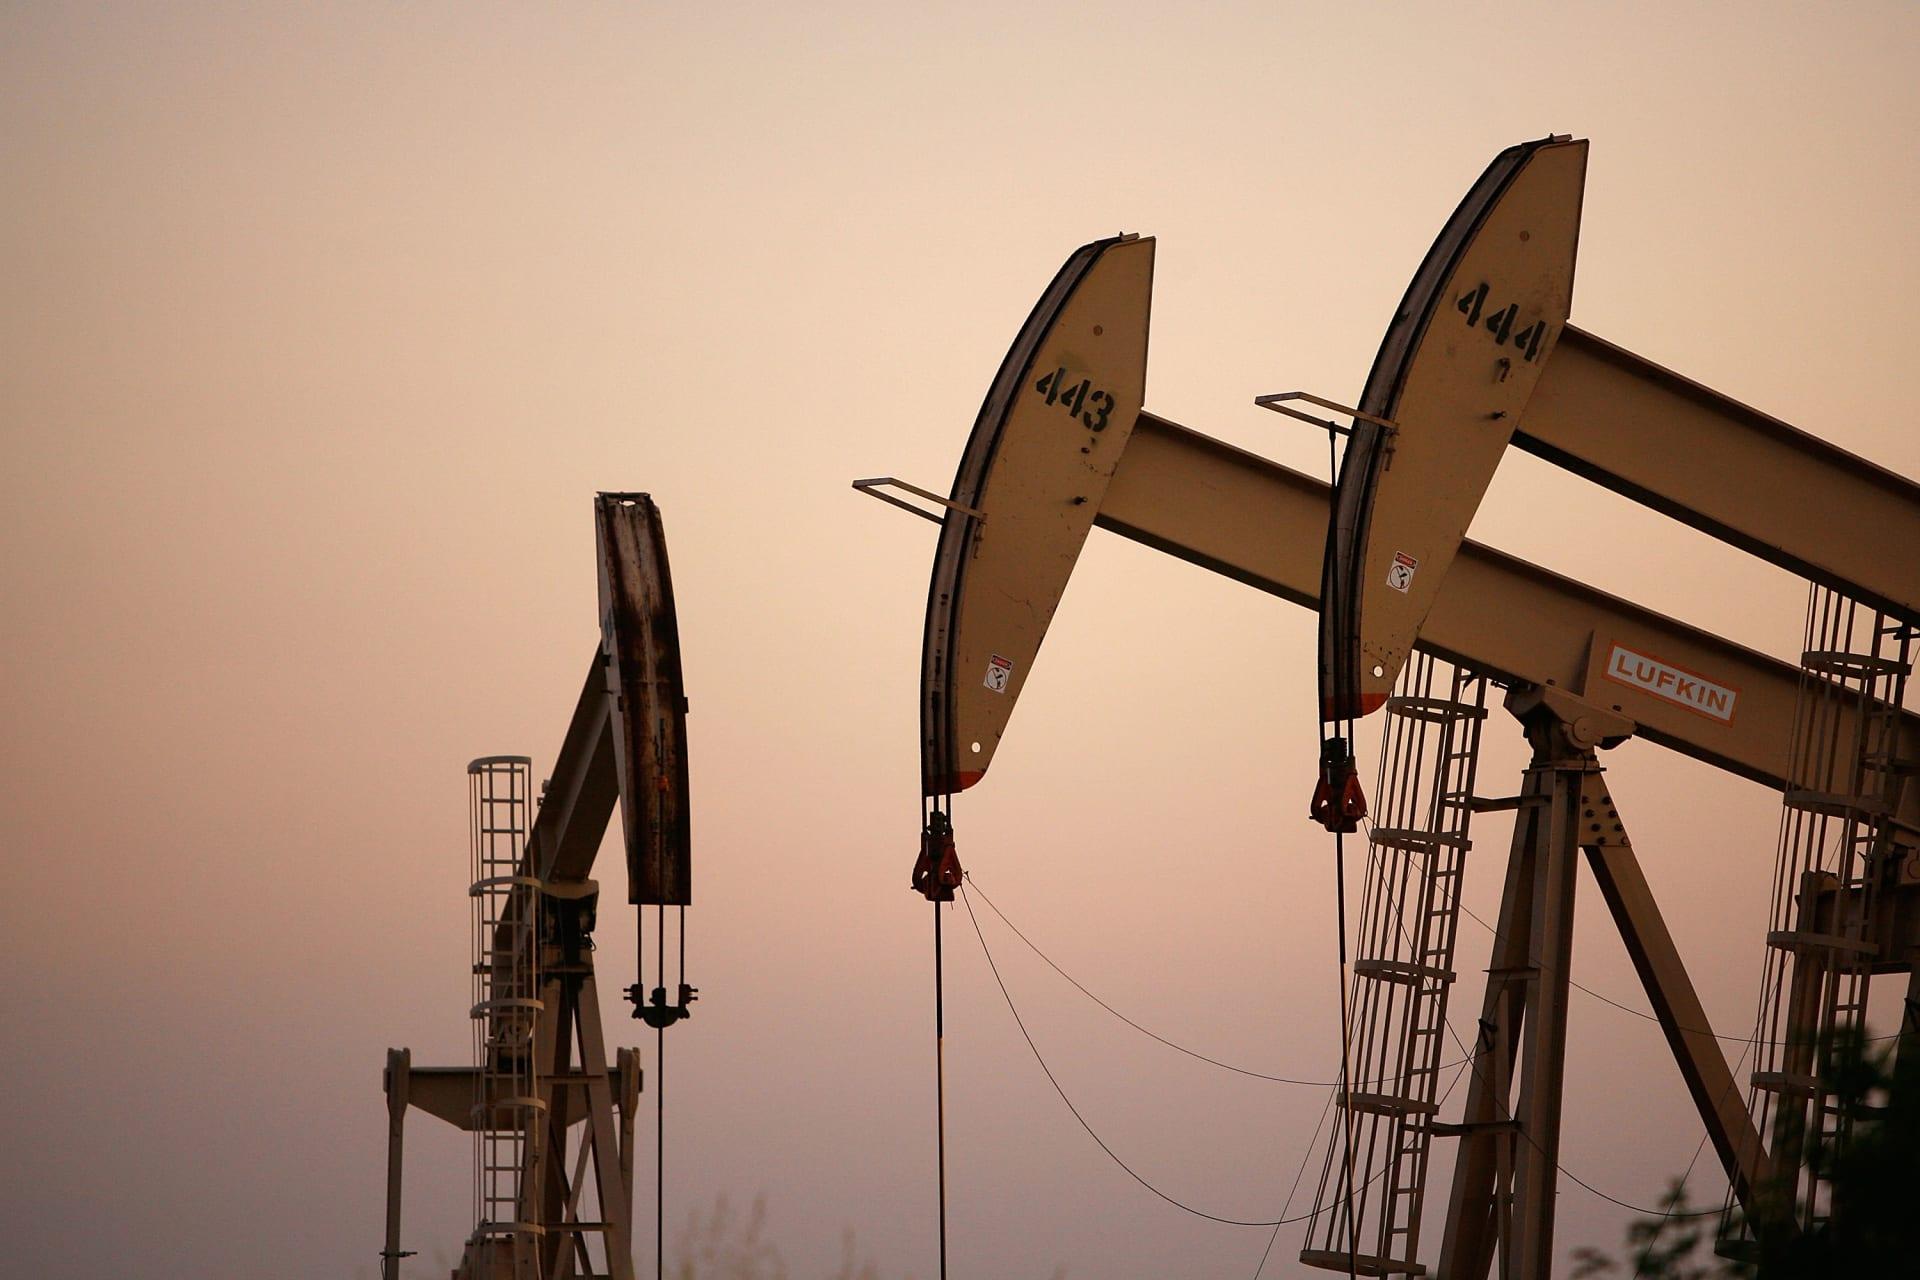 انهيار أسعار النفط الأمريكي إلى سالب 37 لأول مرة في التاريخ